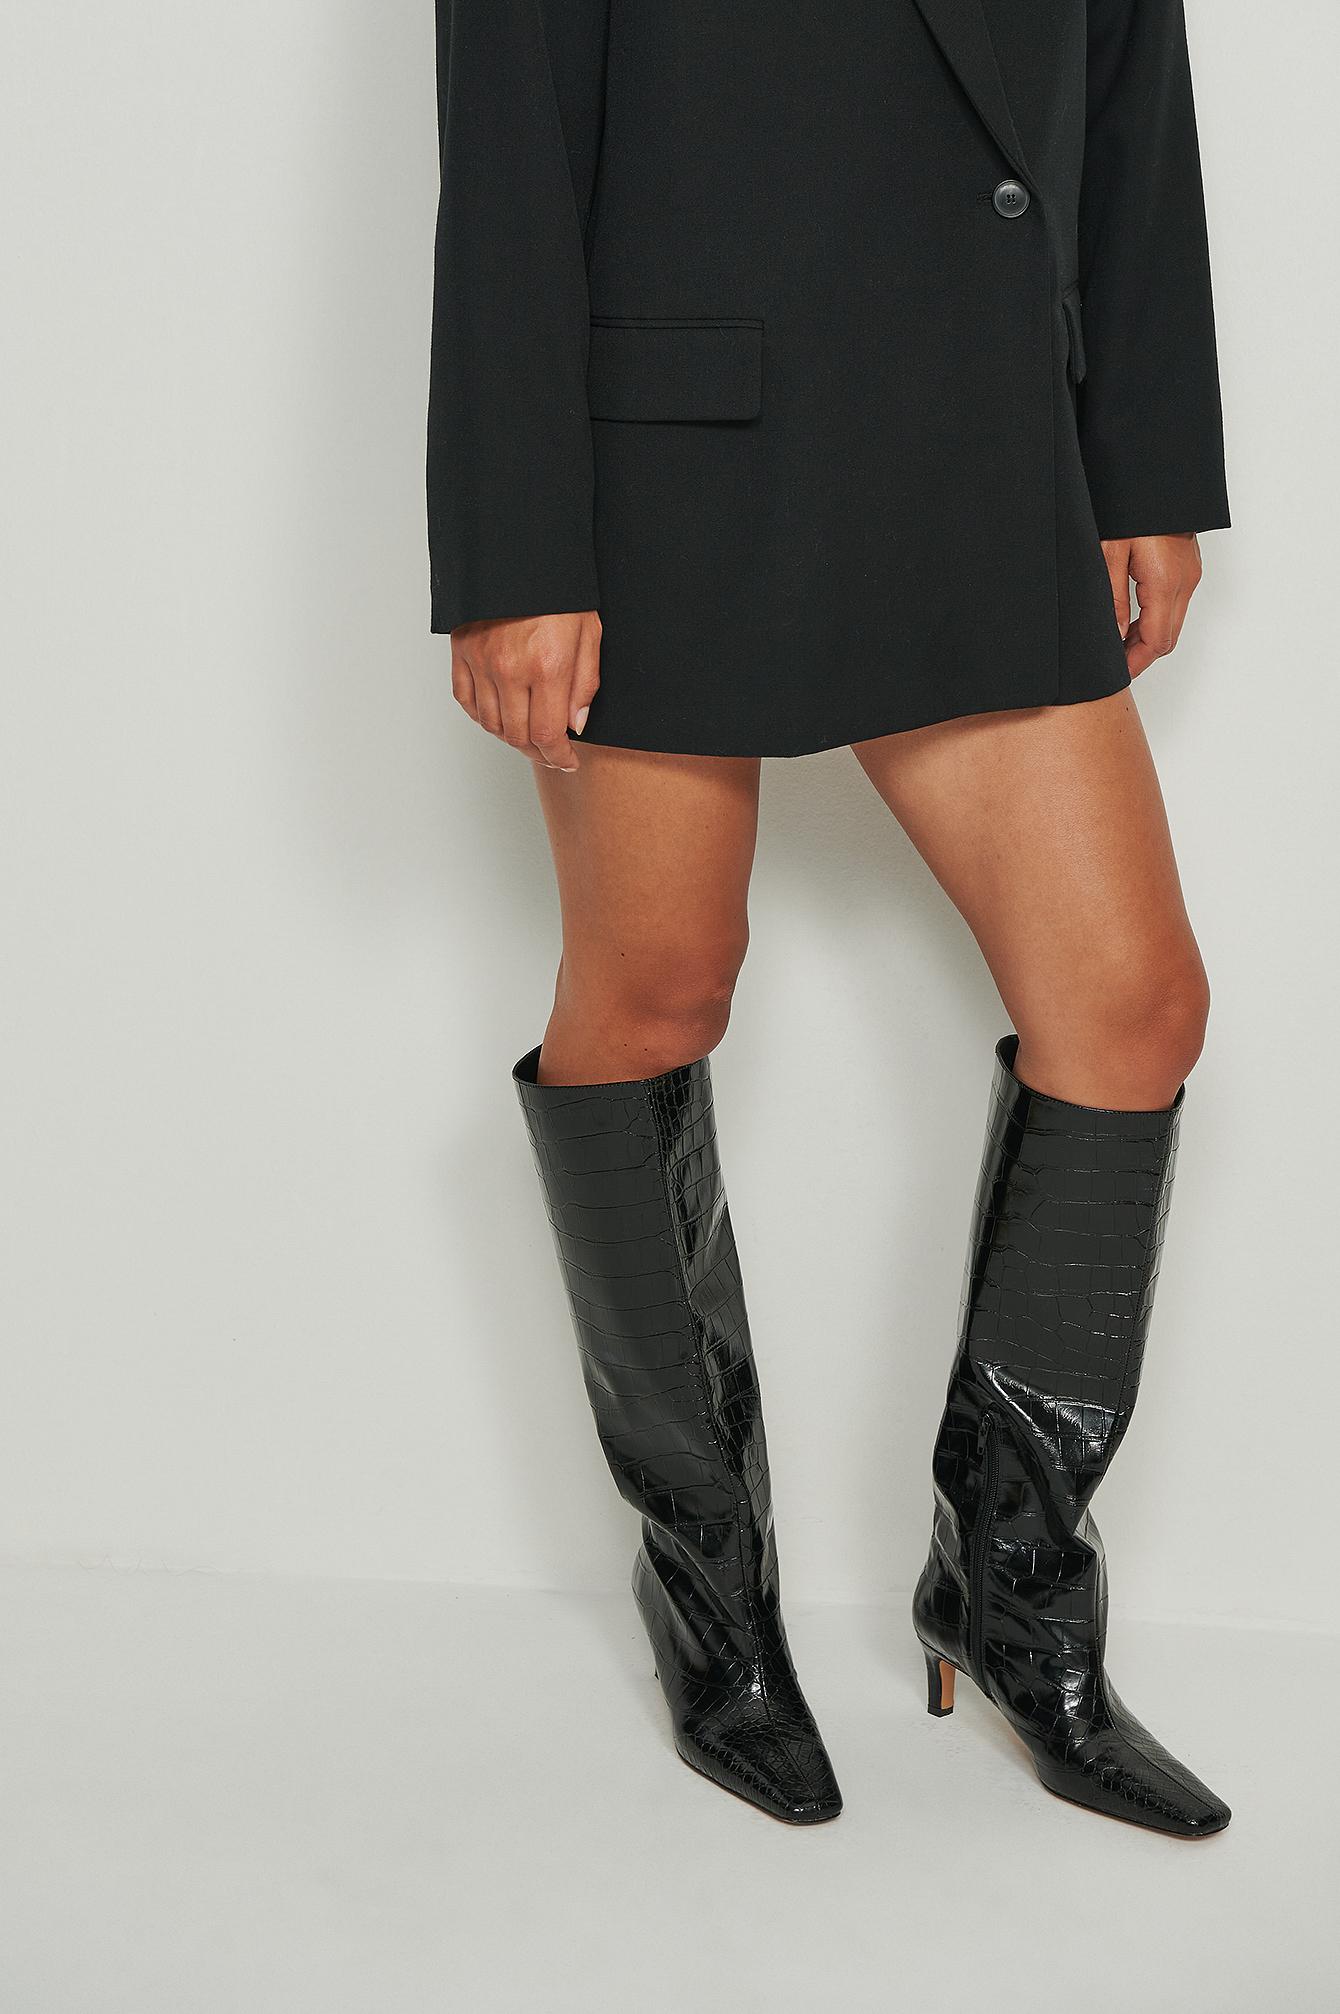 NA-KD Shoes Støvler I Genanvendt Materiale Med Vide Skafter - Black